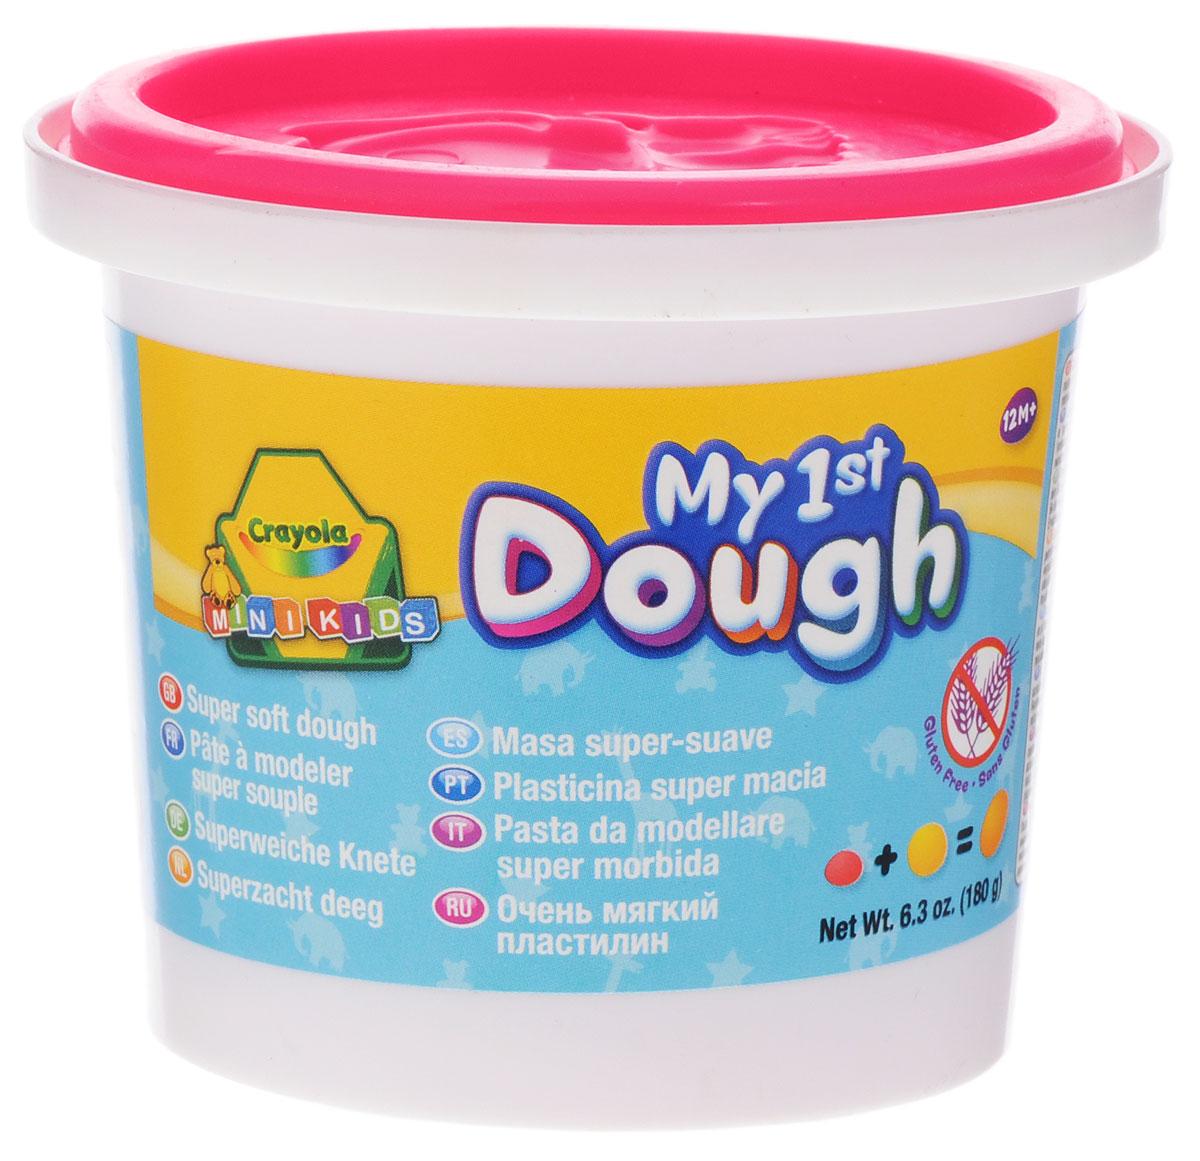 Crayola Масса для лепки My 1st Dough Собачка цвет розовый7945_собачка розовыйМасса для лепки Crayola My 1st Dough. Собачка, предназначенная для лепки и моделирования, поможет малышу развить творческие способности, воображение и мелкую моторику рук. Очень мягкий, пластилин хорошо мнется и быстро высыхает. Окрашен безопасным красителем. В крышке имеется формочка с изображением собачки. Лепка из пластилина - необычайно занимательный процесс не только для детей, но и для взрослых.